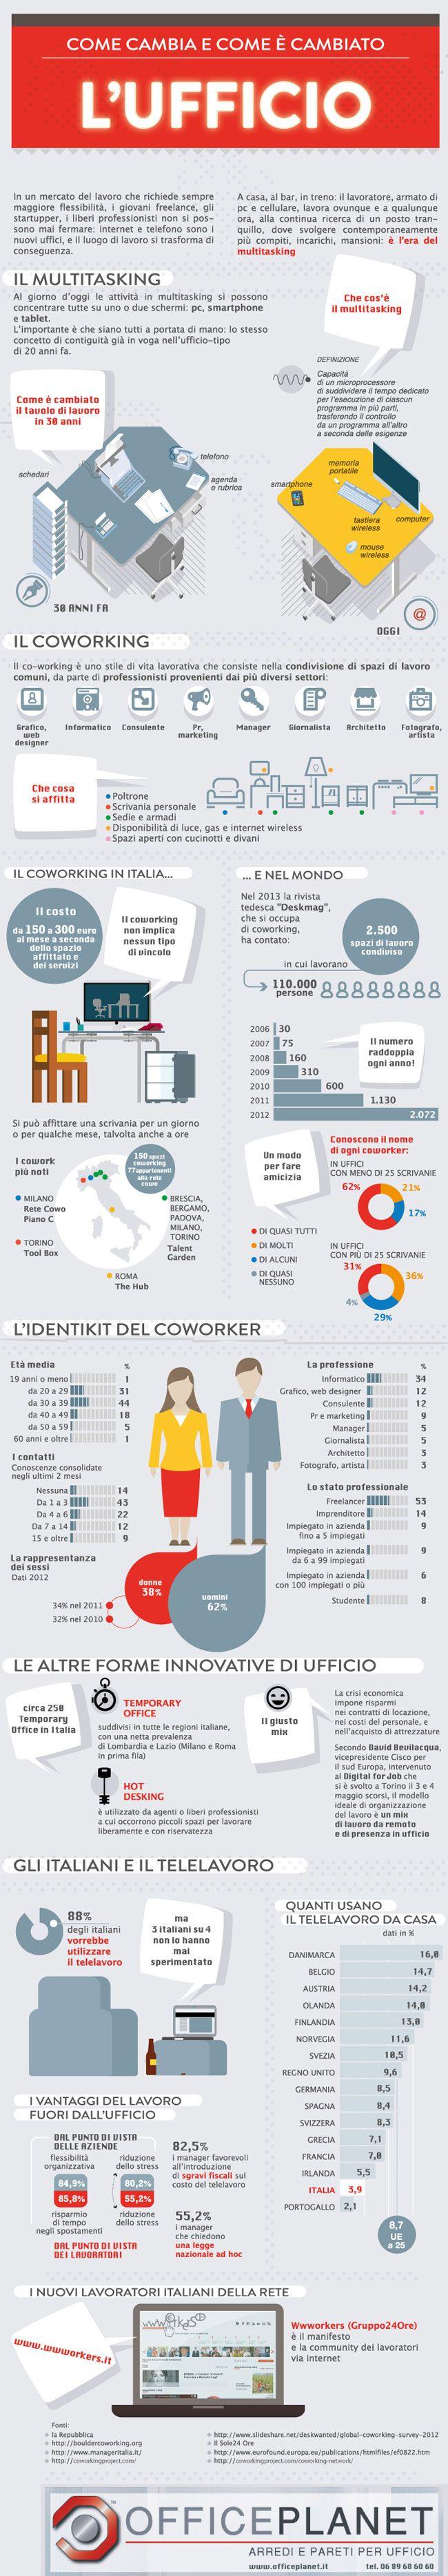 Contemporaneo o temporaneo? L'ufficio si trasforma in base al #lavoro #INFOGRAFICA